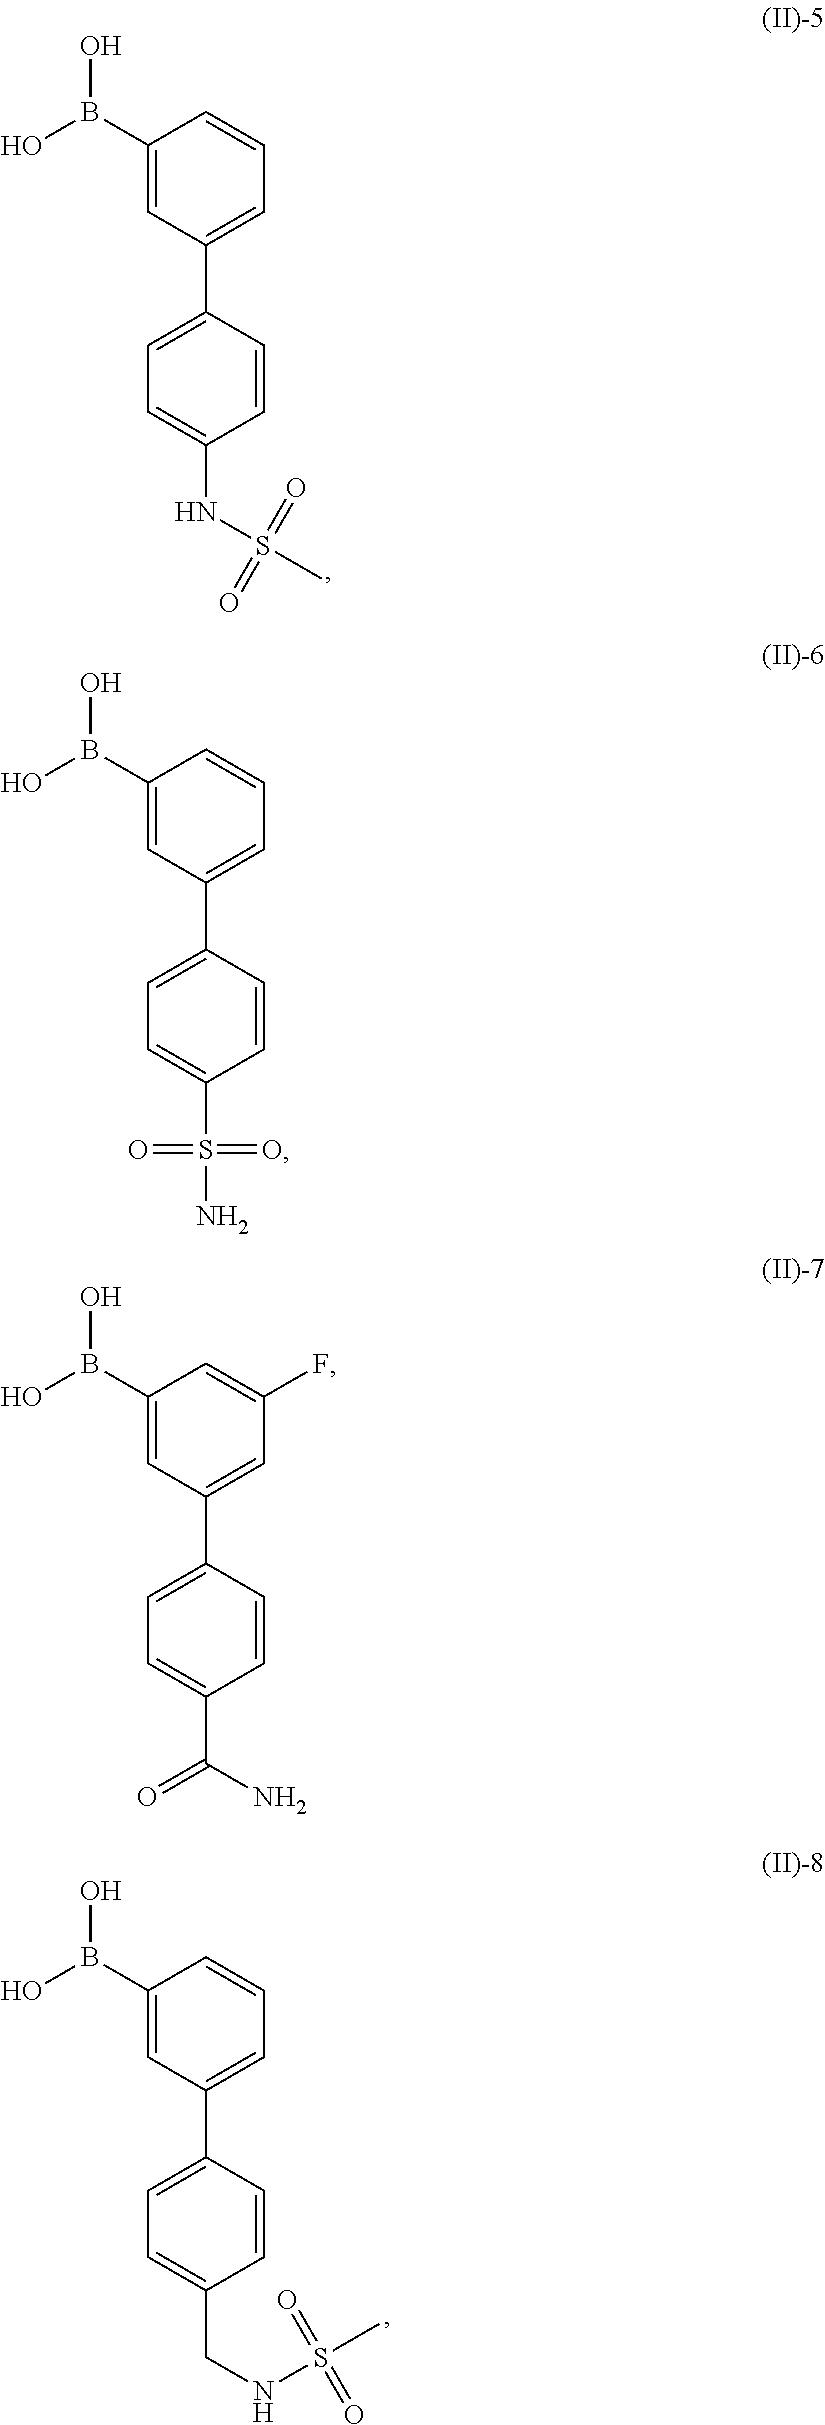 Figure US09630979-20170425-C00007